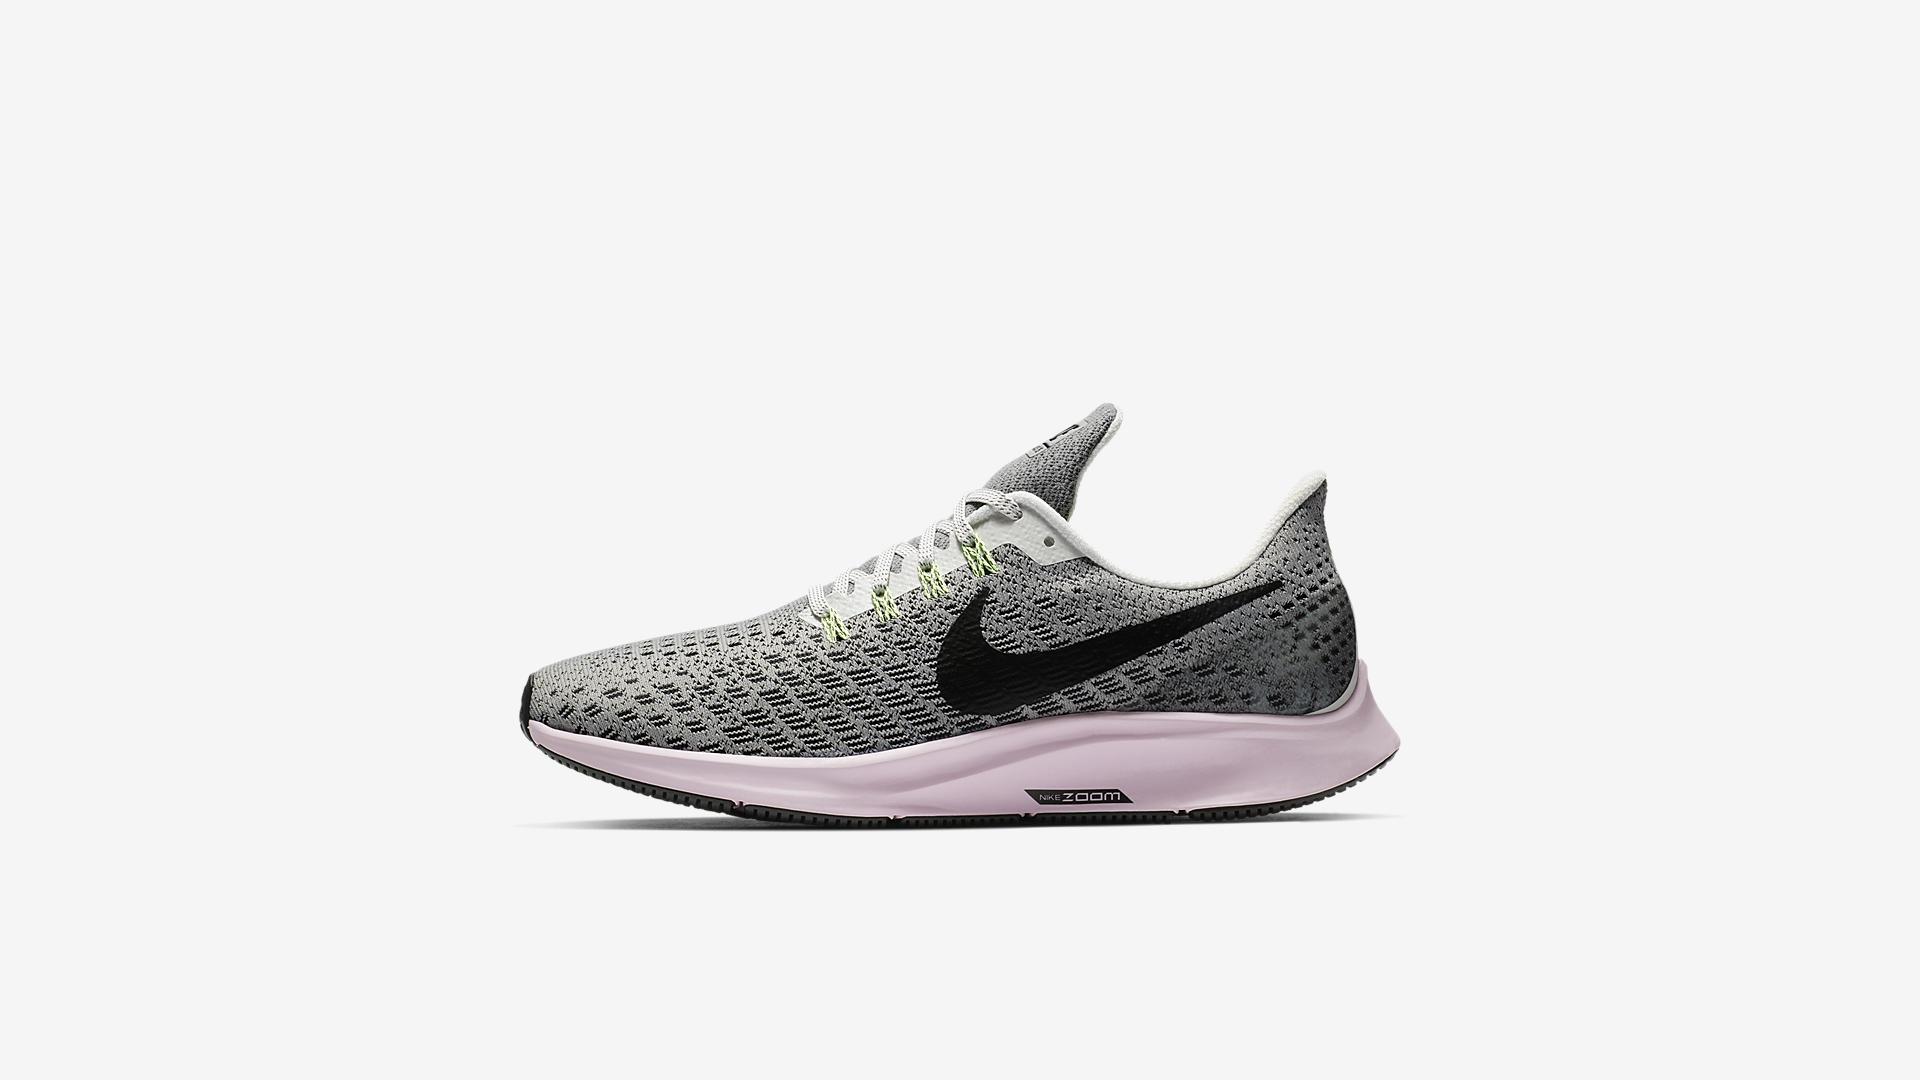 9001f3da101 Nike Air Zoom Pegasus 35 | Nike Air Zoom Pegasus 35 sale | Sneakers4u